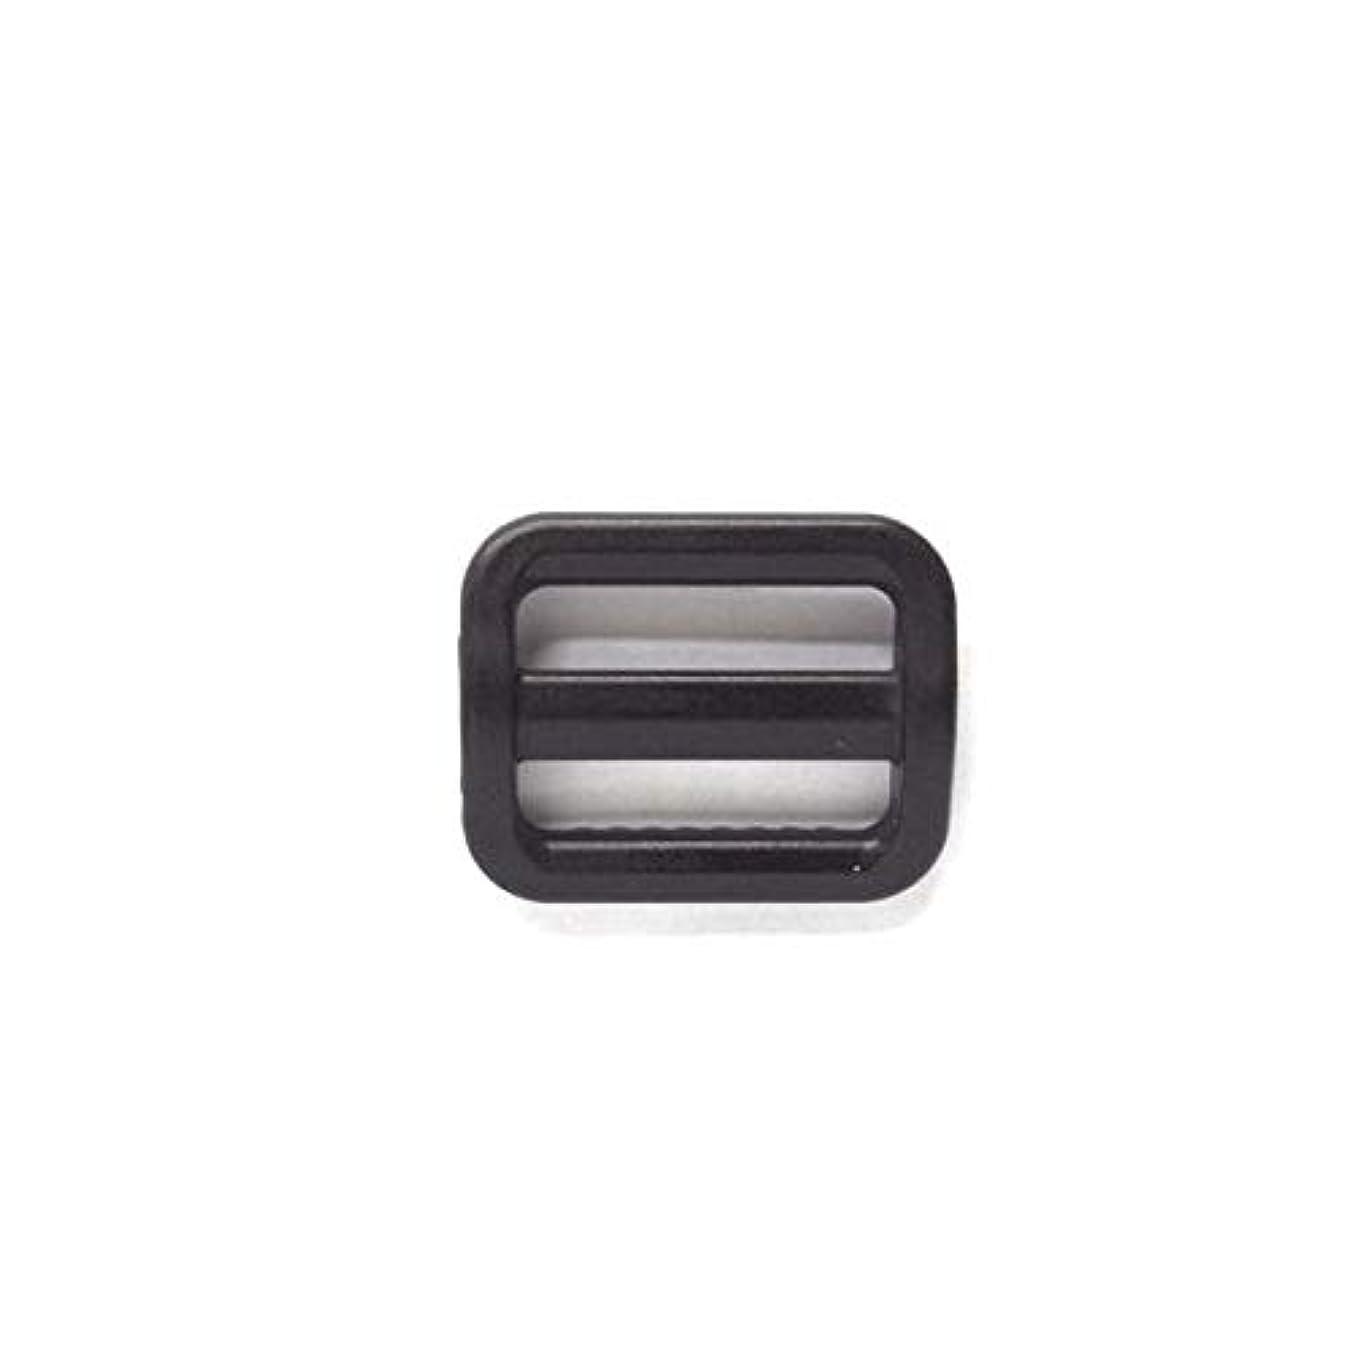 無視勃起献身2個セット 金属 ナスカン フラットタイプ 約10mm巾ベルト用 アンティークゴールド